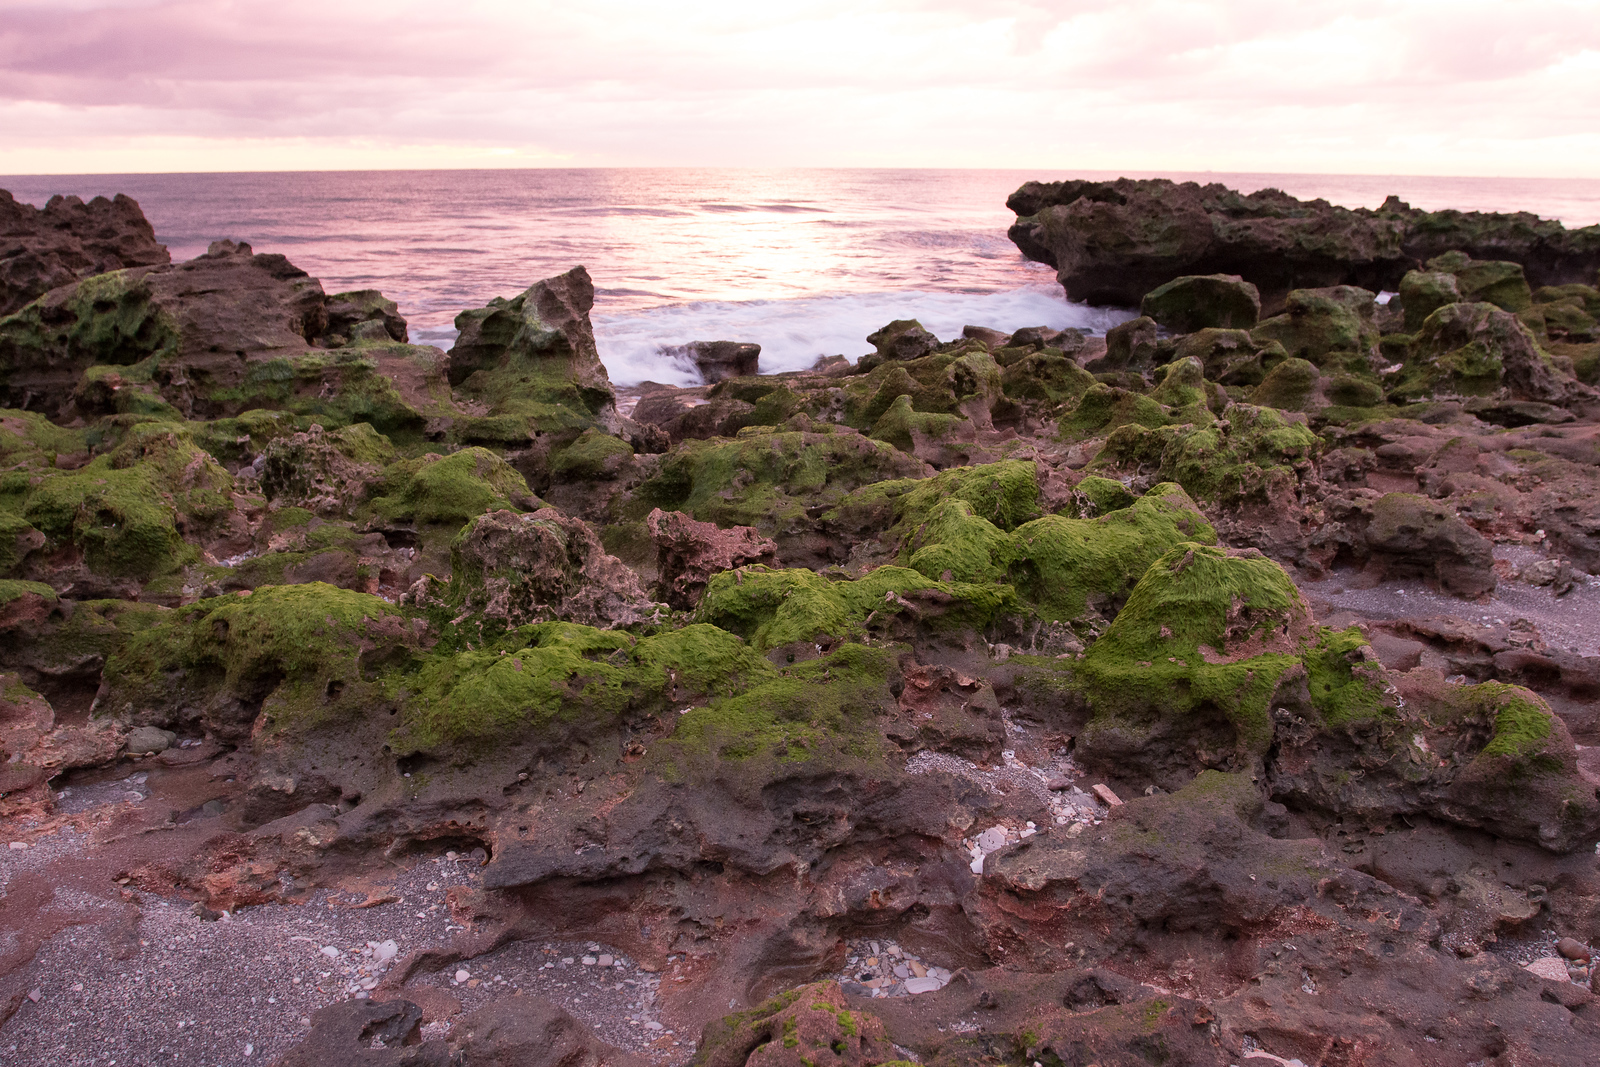 Coral Cove Rocks